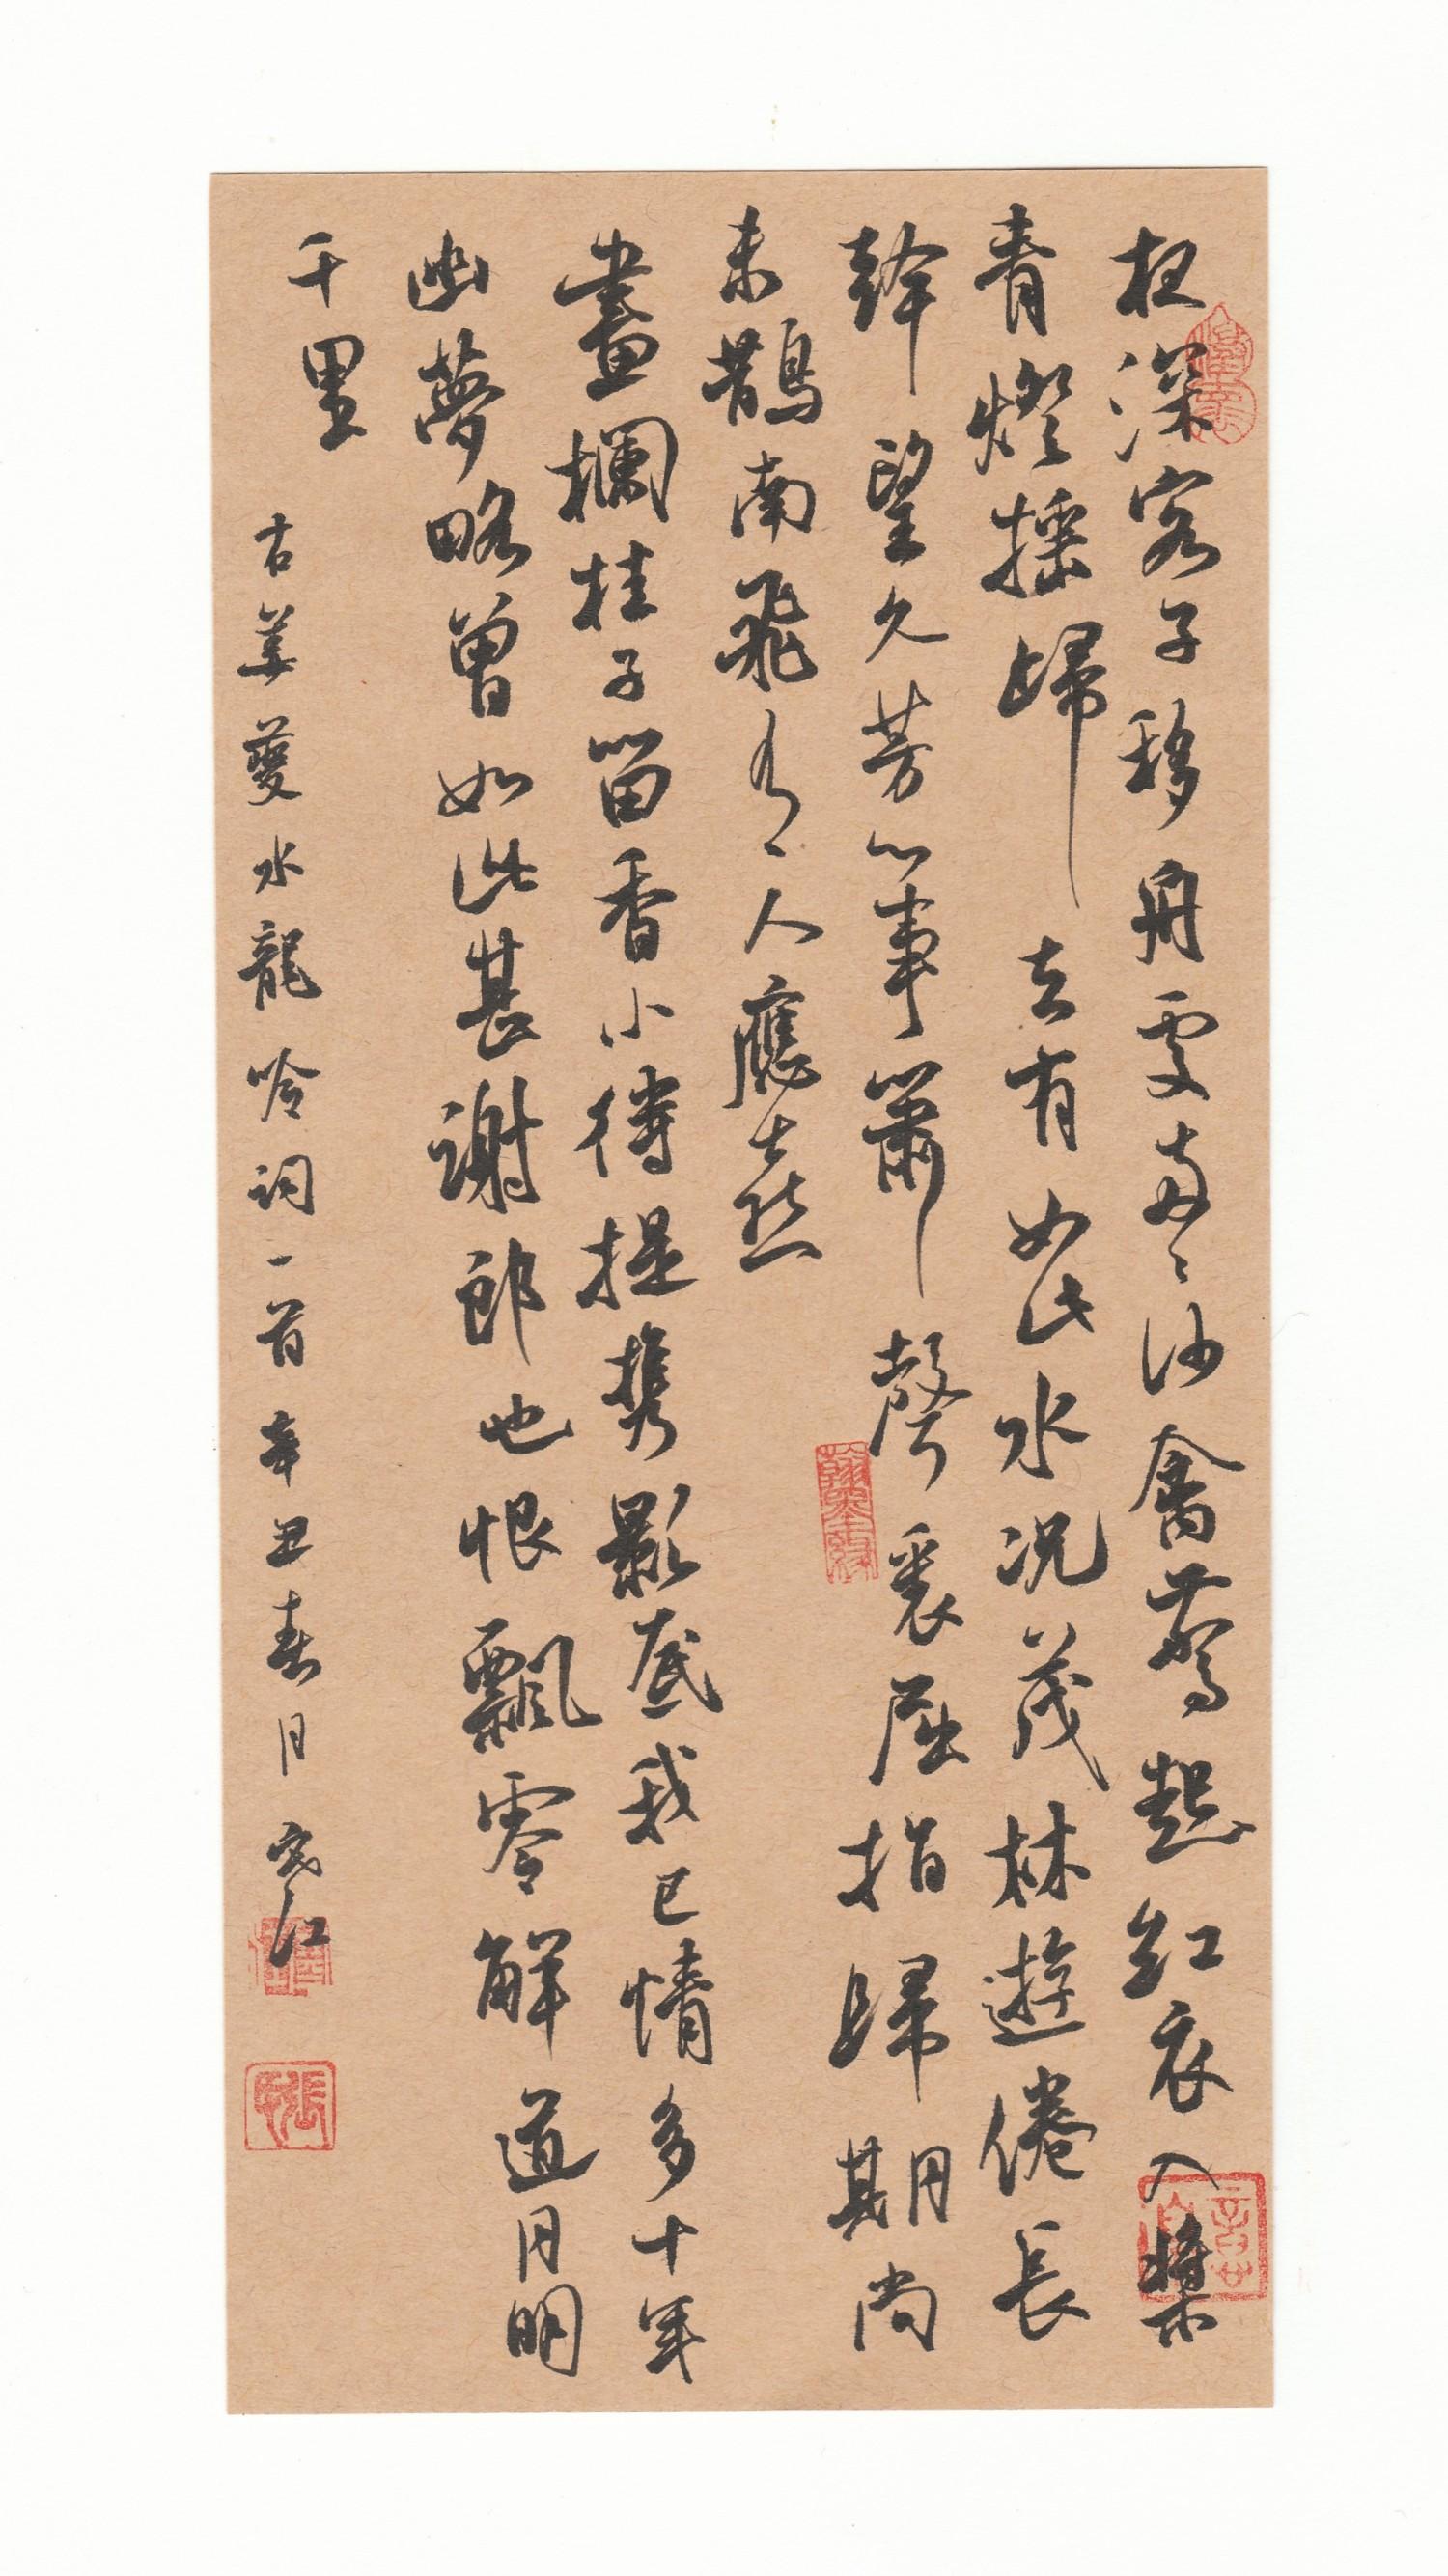 钢笔爱好者练字打卡20210309-13